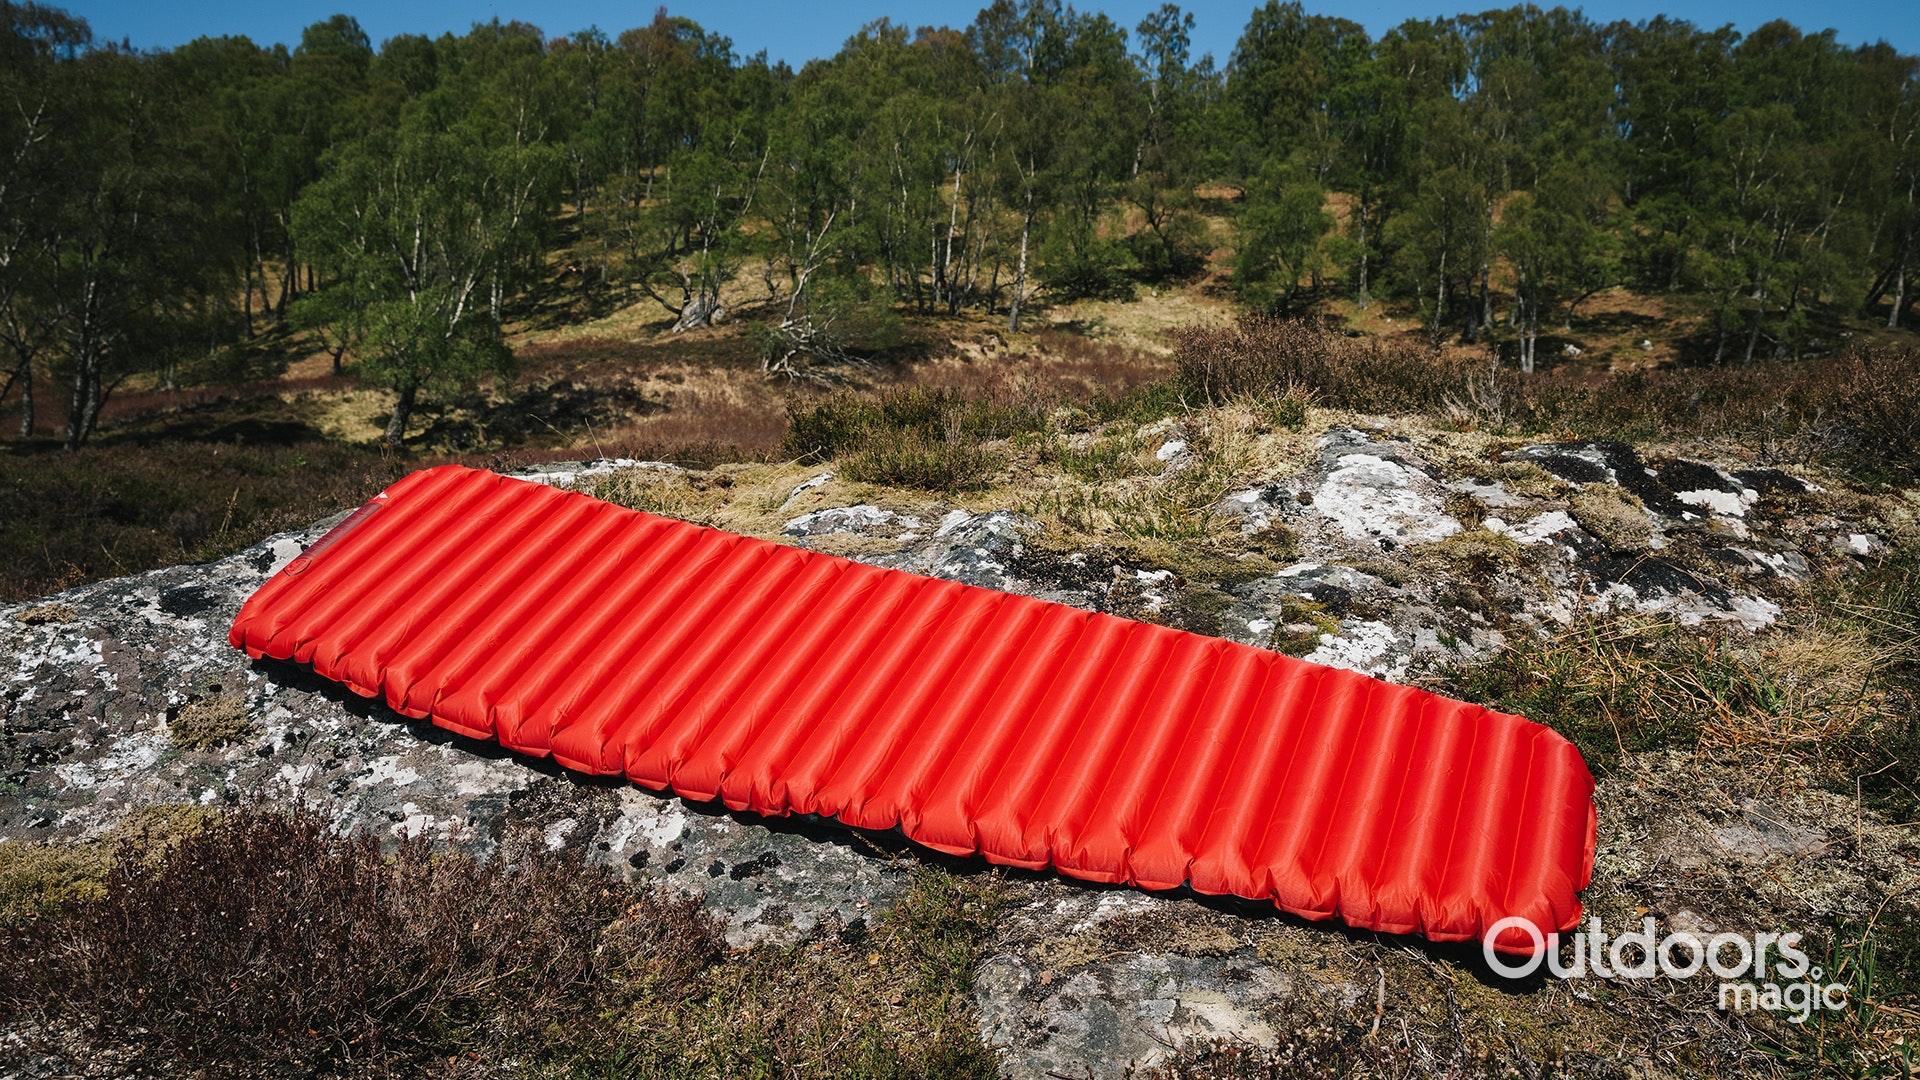 Robens highcore 80 isolé Sleeping Mat